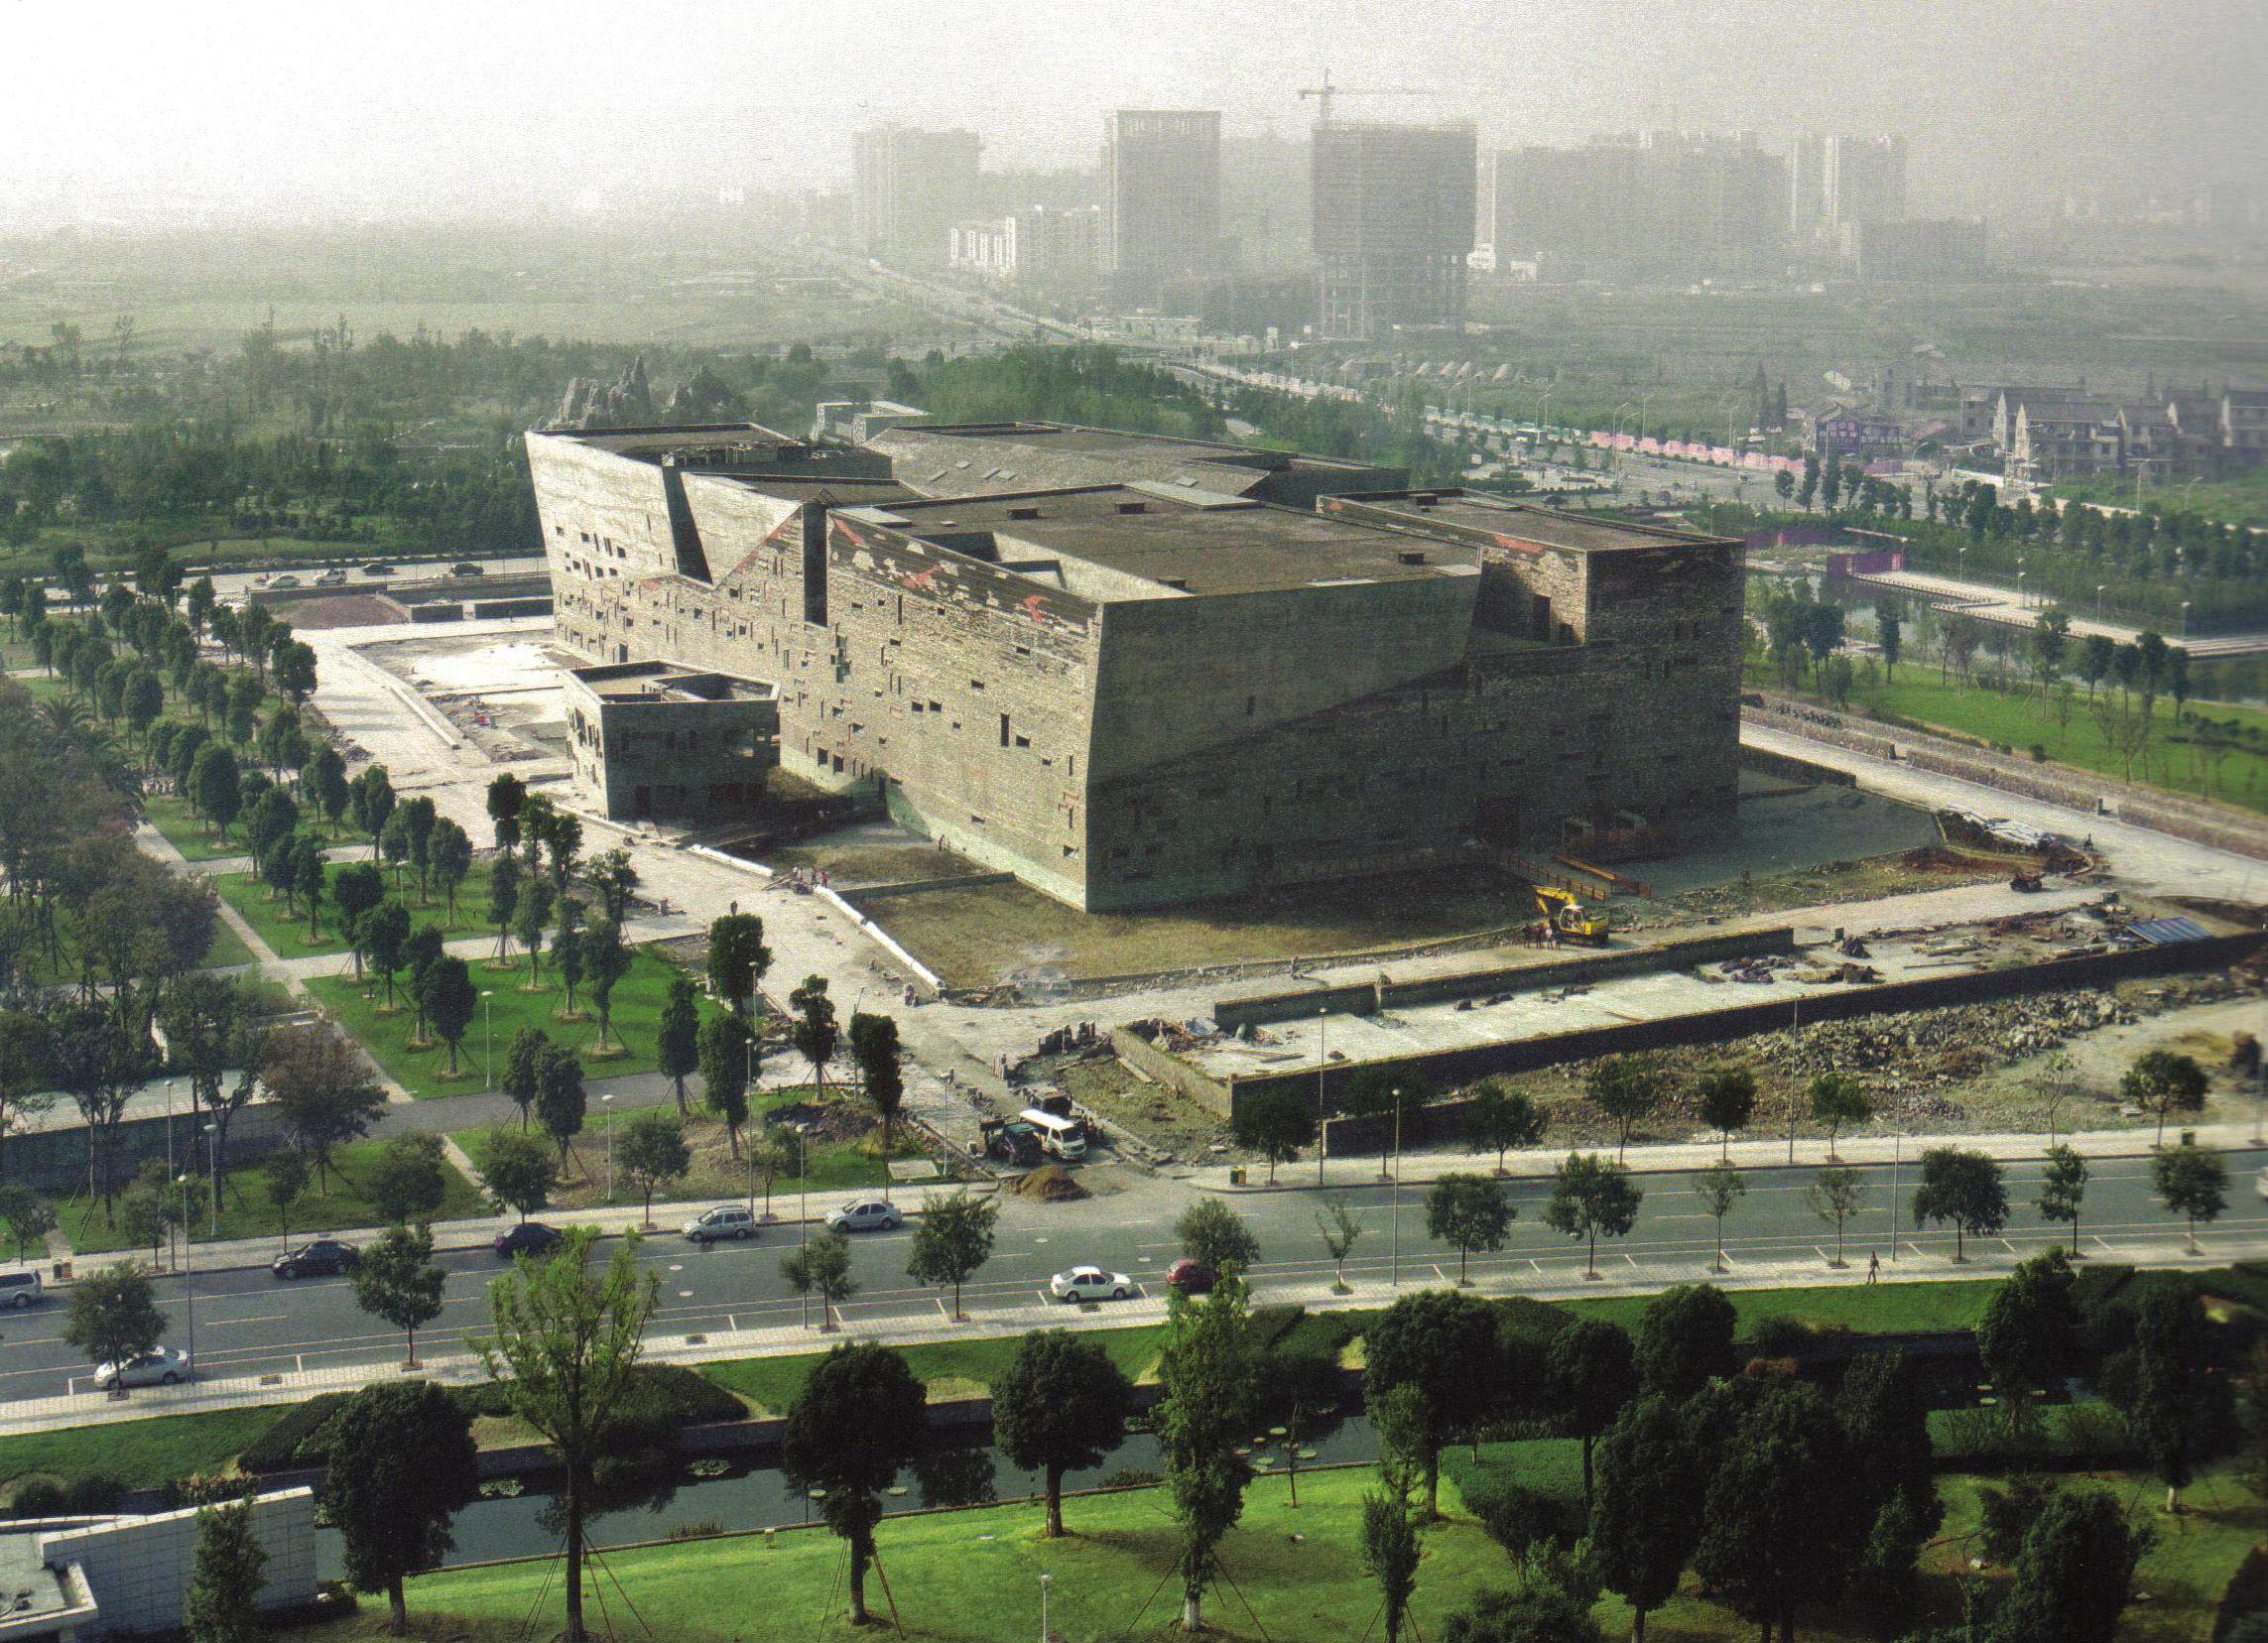 museo-de-historia_ningbo_-amateur-studio_-wang-shu_